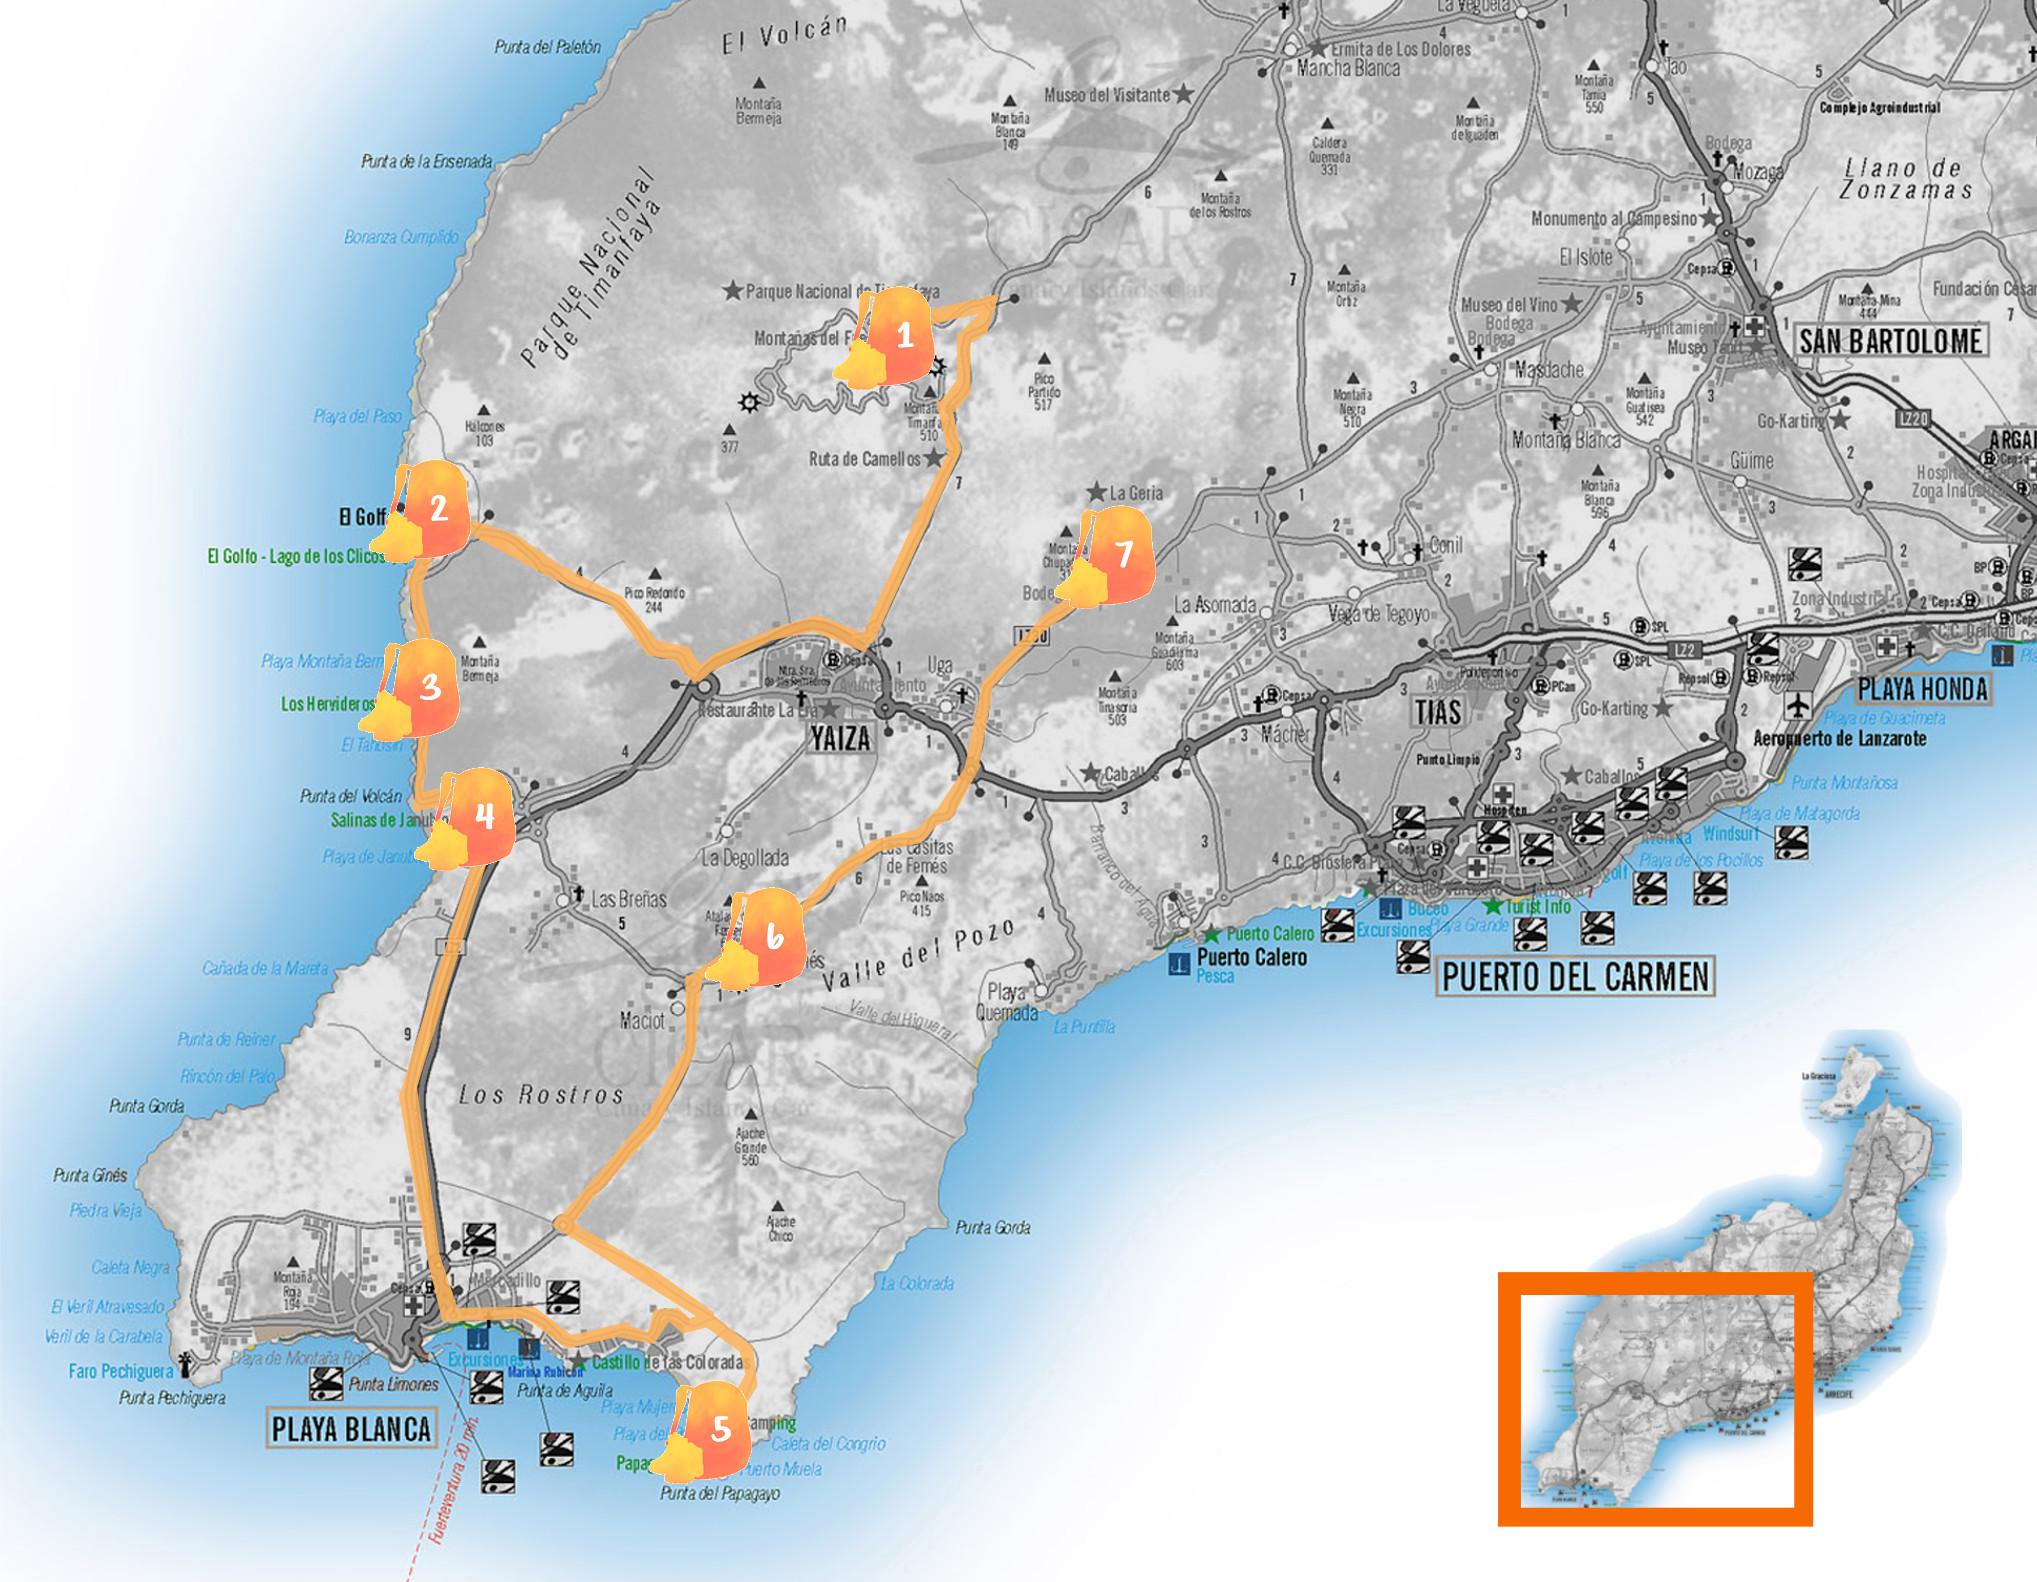 Mapa de Lanzarote con la ruta señalada